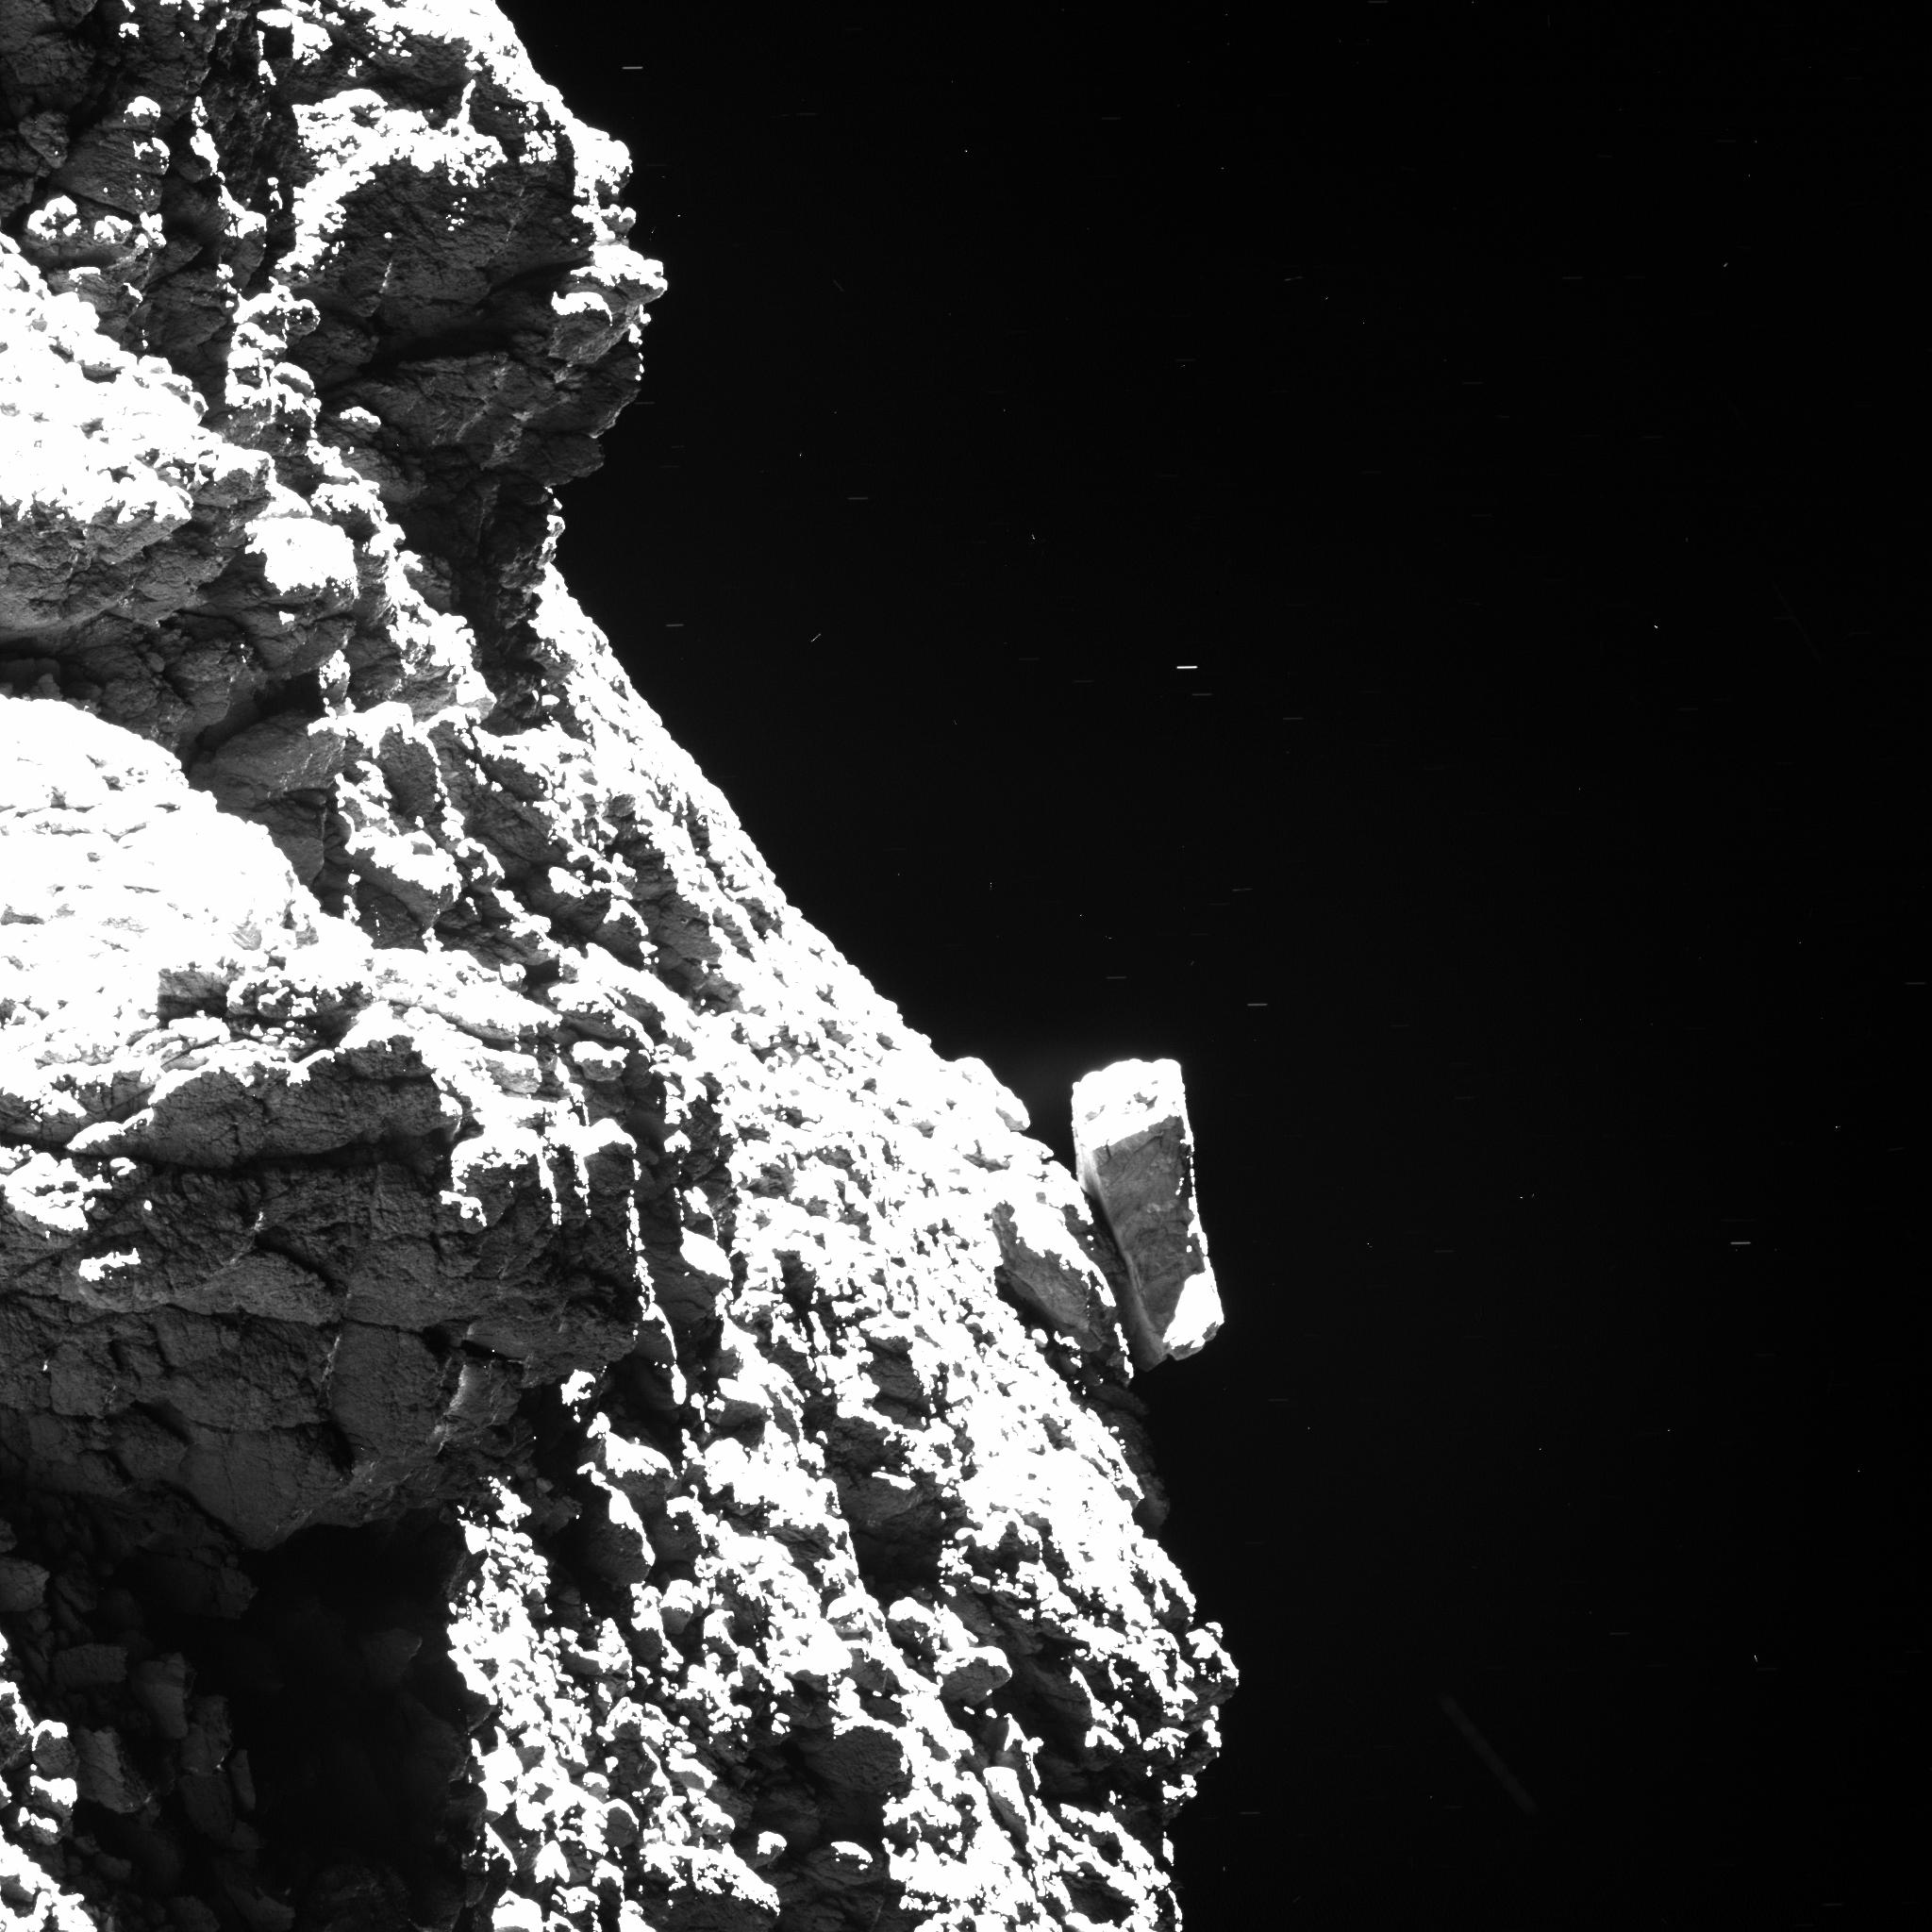 1567213884942-Rosetta_OSIRIS_NAC_20160830T195744_ID20F22_stretch.png